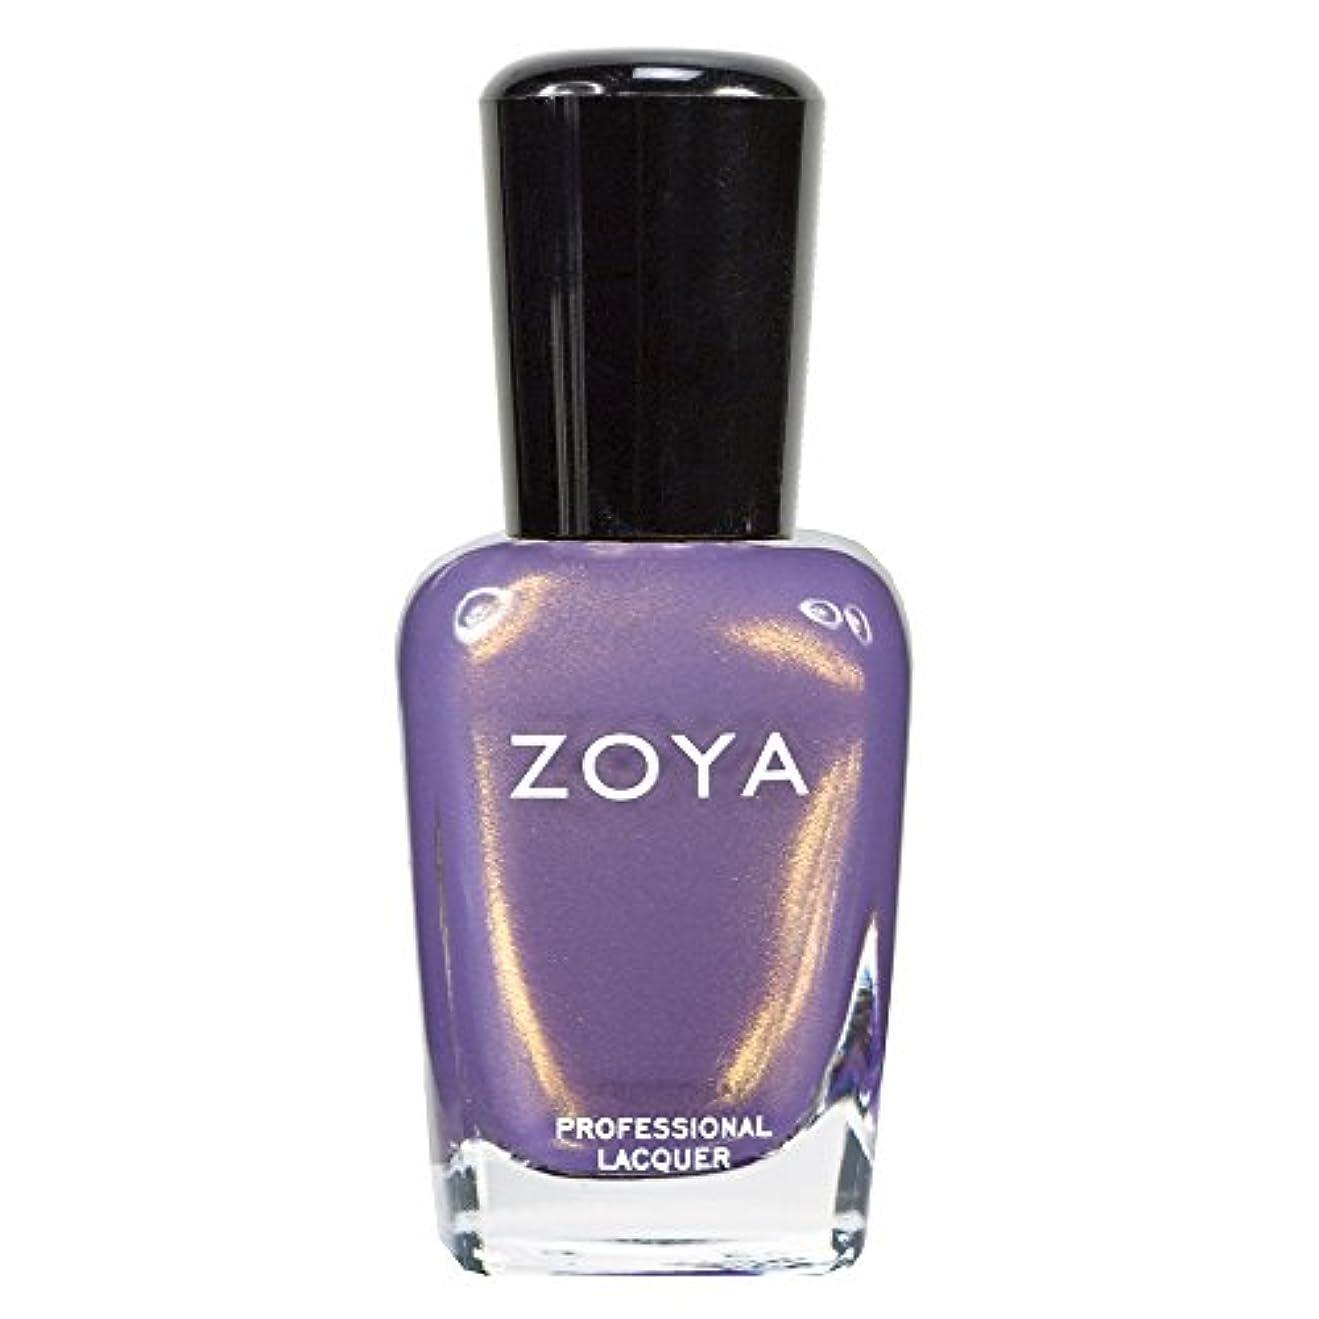 起きろアナログ徐々にZOYA ゾーヤ ネイルカラーZP463 ZARA ザラ  15ml ゴールドがきらめく明るいパープル パール?グリッター 爪にやさしいネイルラッカーマニキュア